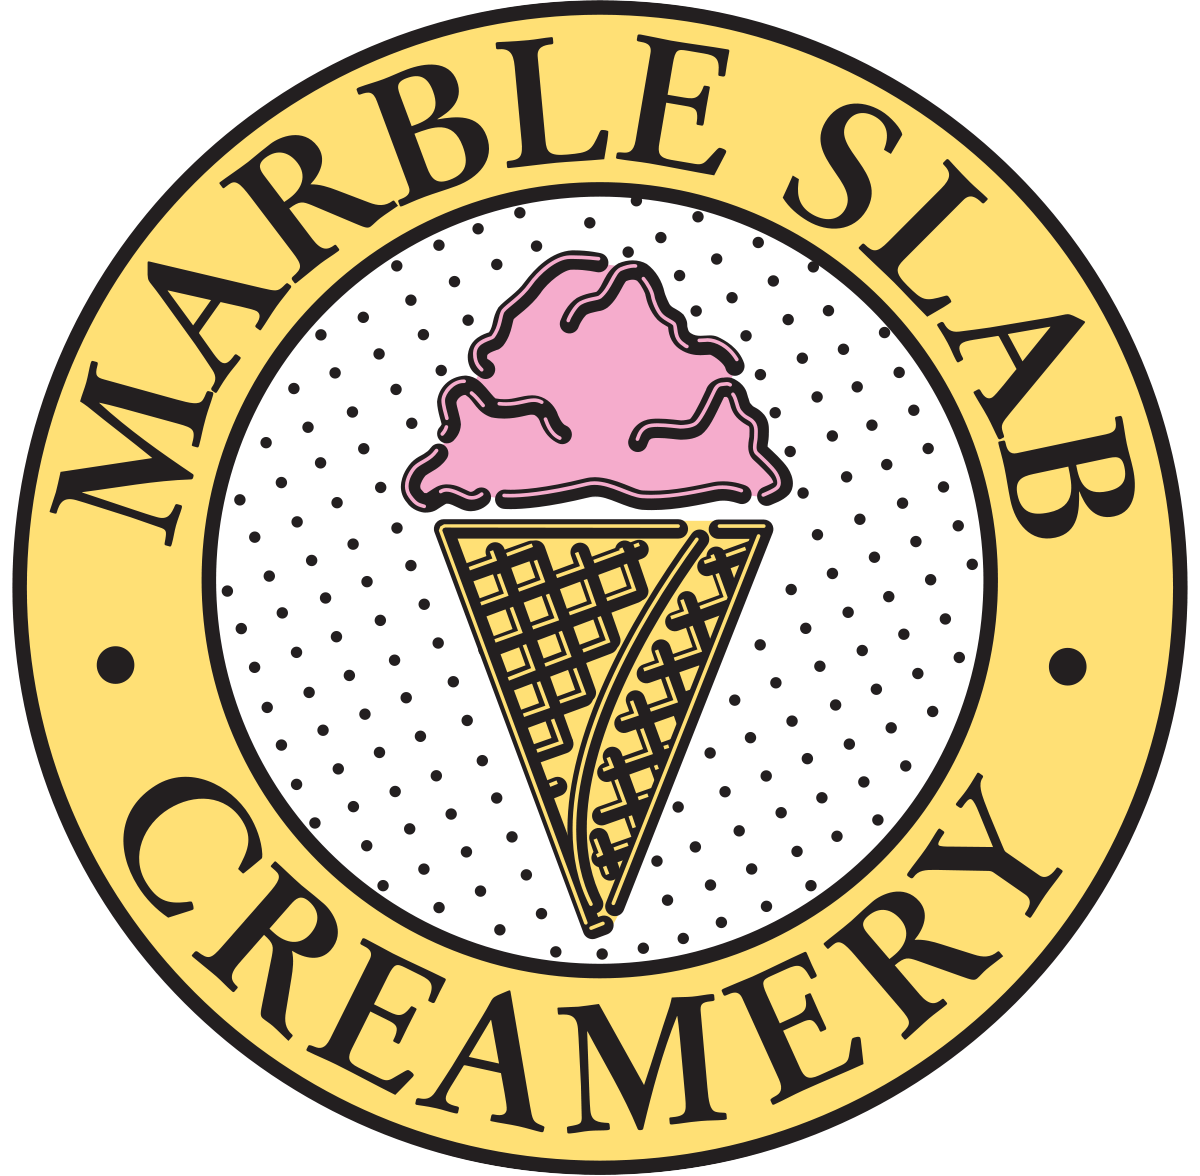 Marble Slab Creamery.